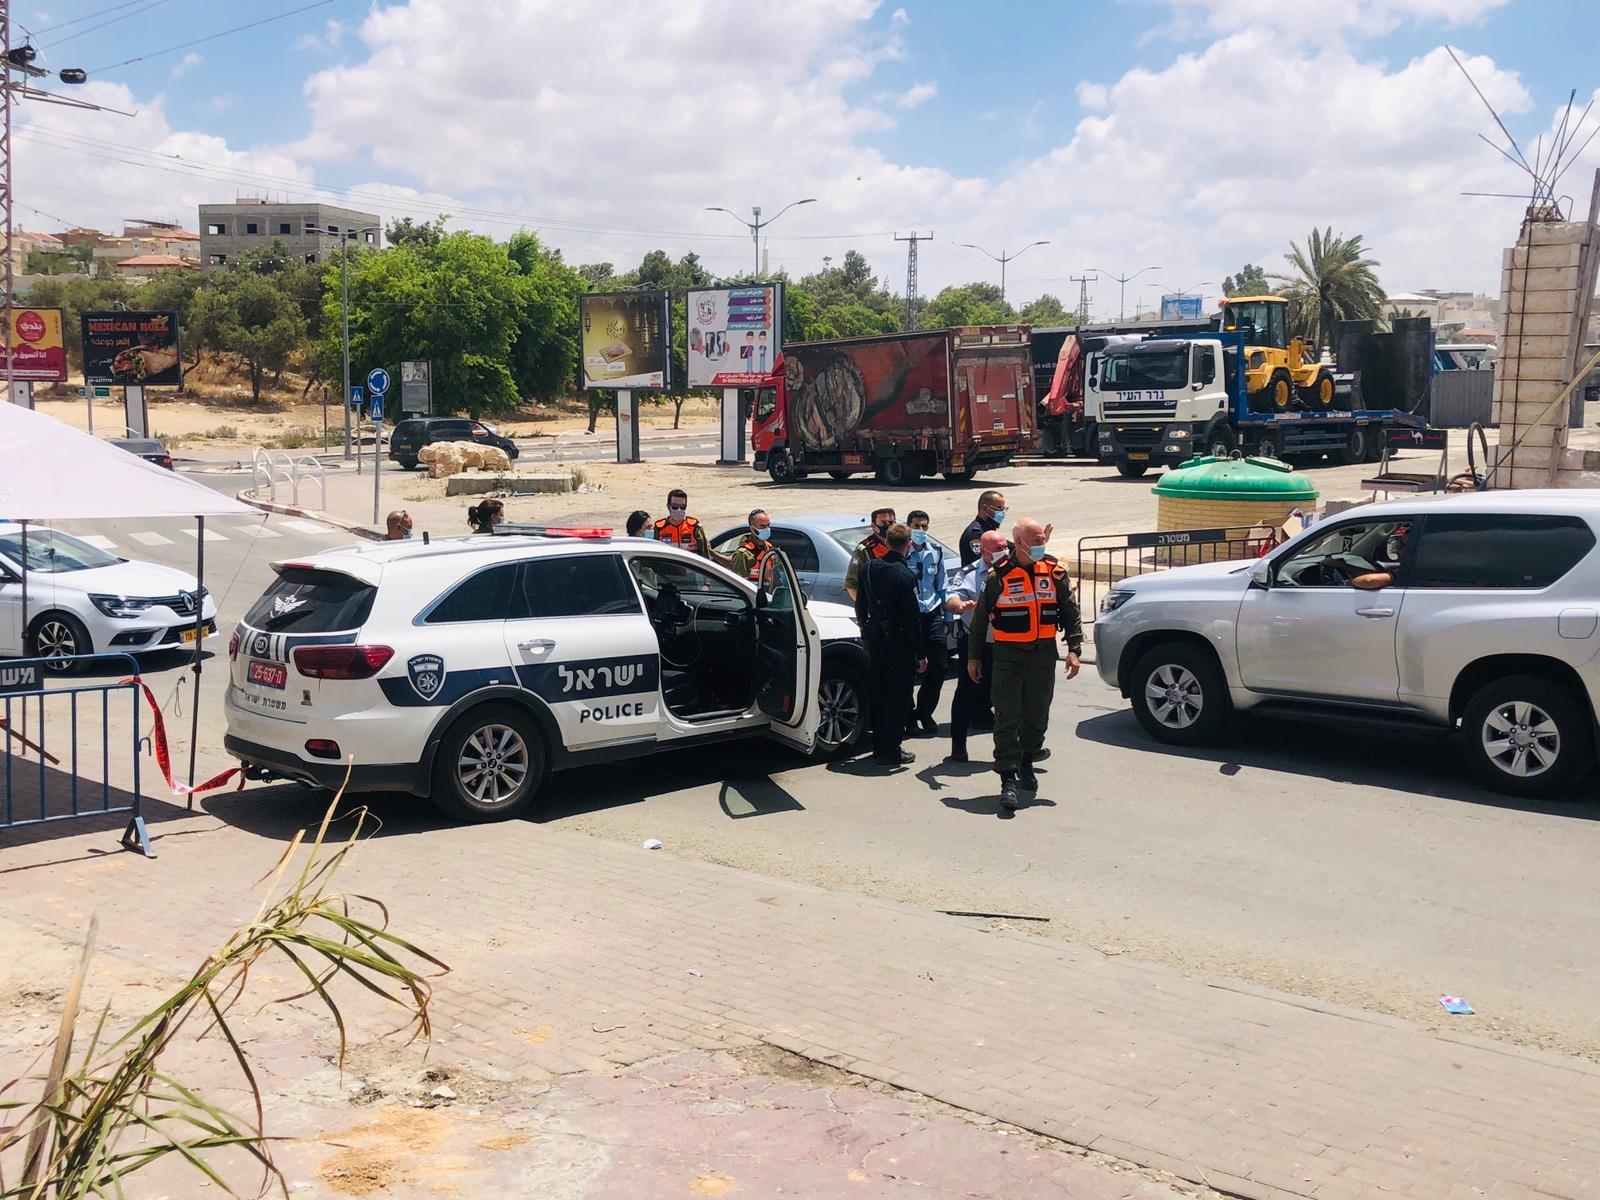 اغلاق أحياء في رهط .. والكورونا مستمر بالانتشار في البلاد .. 349 حالة آخر يوم